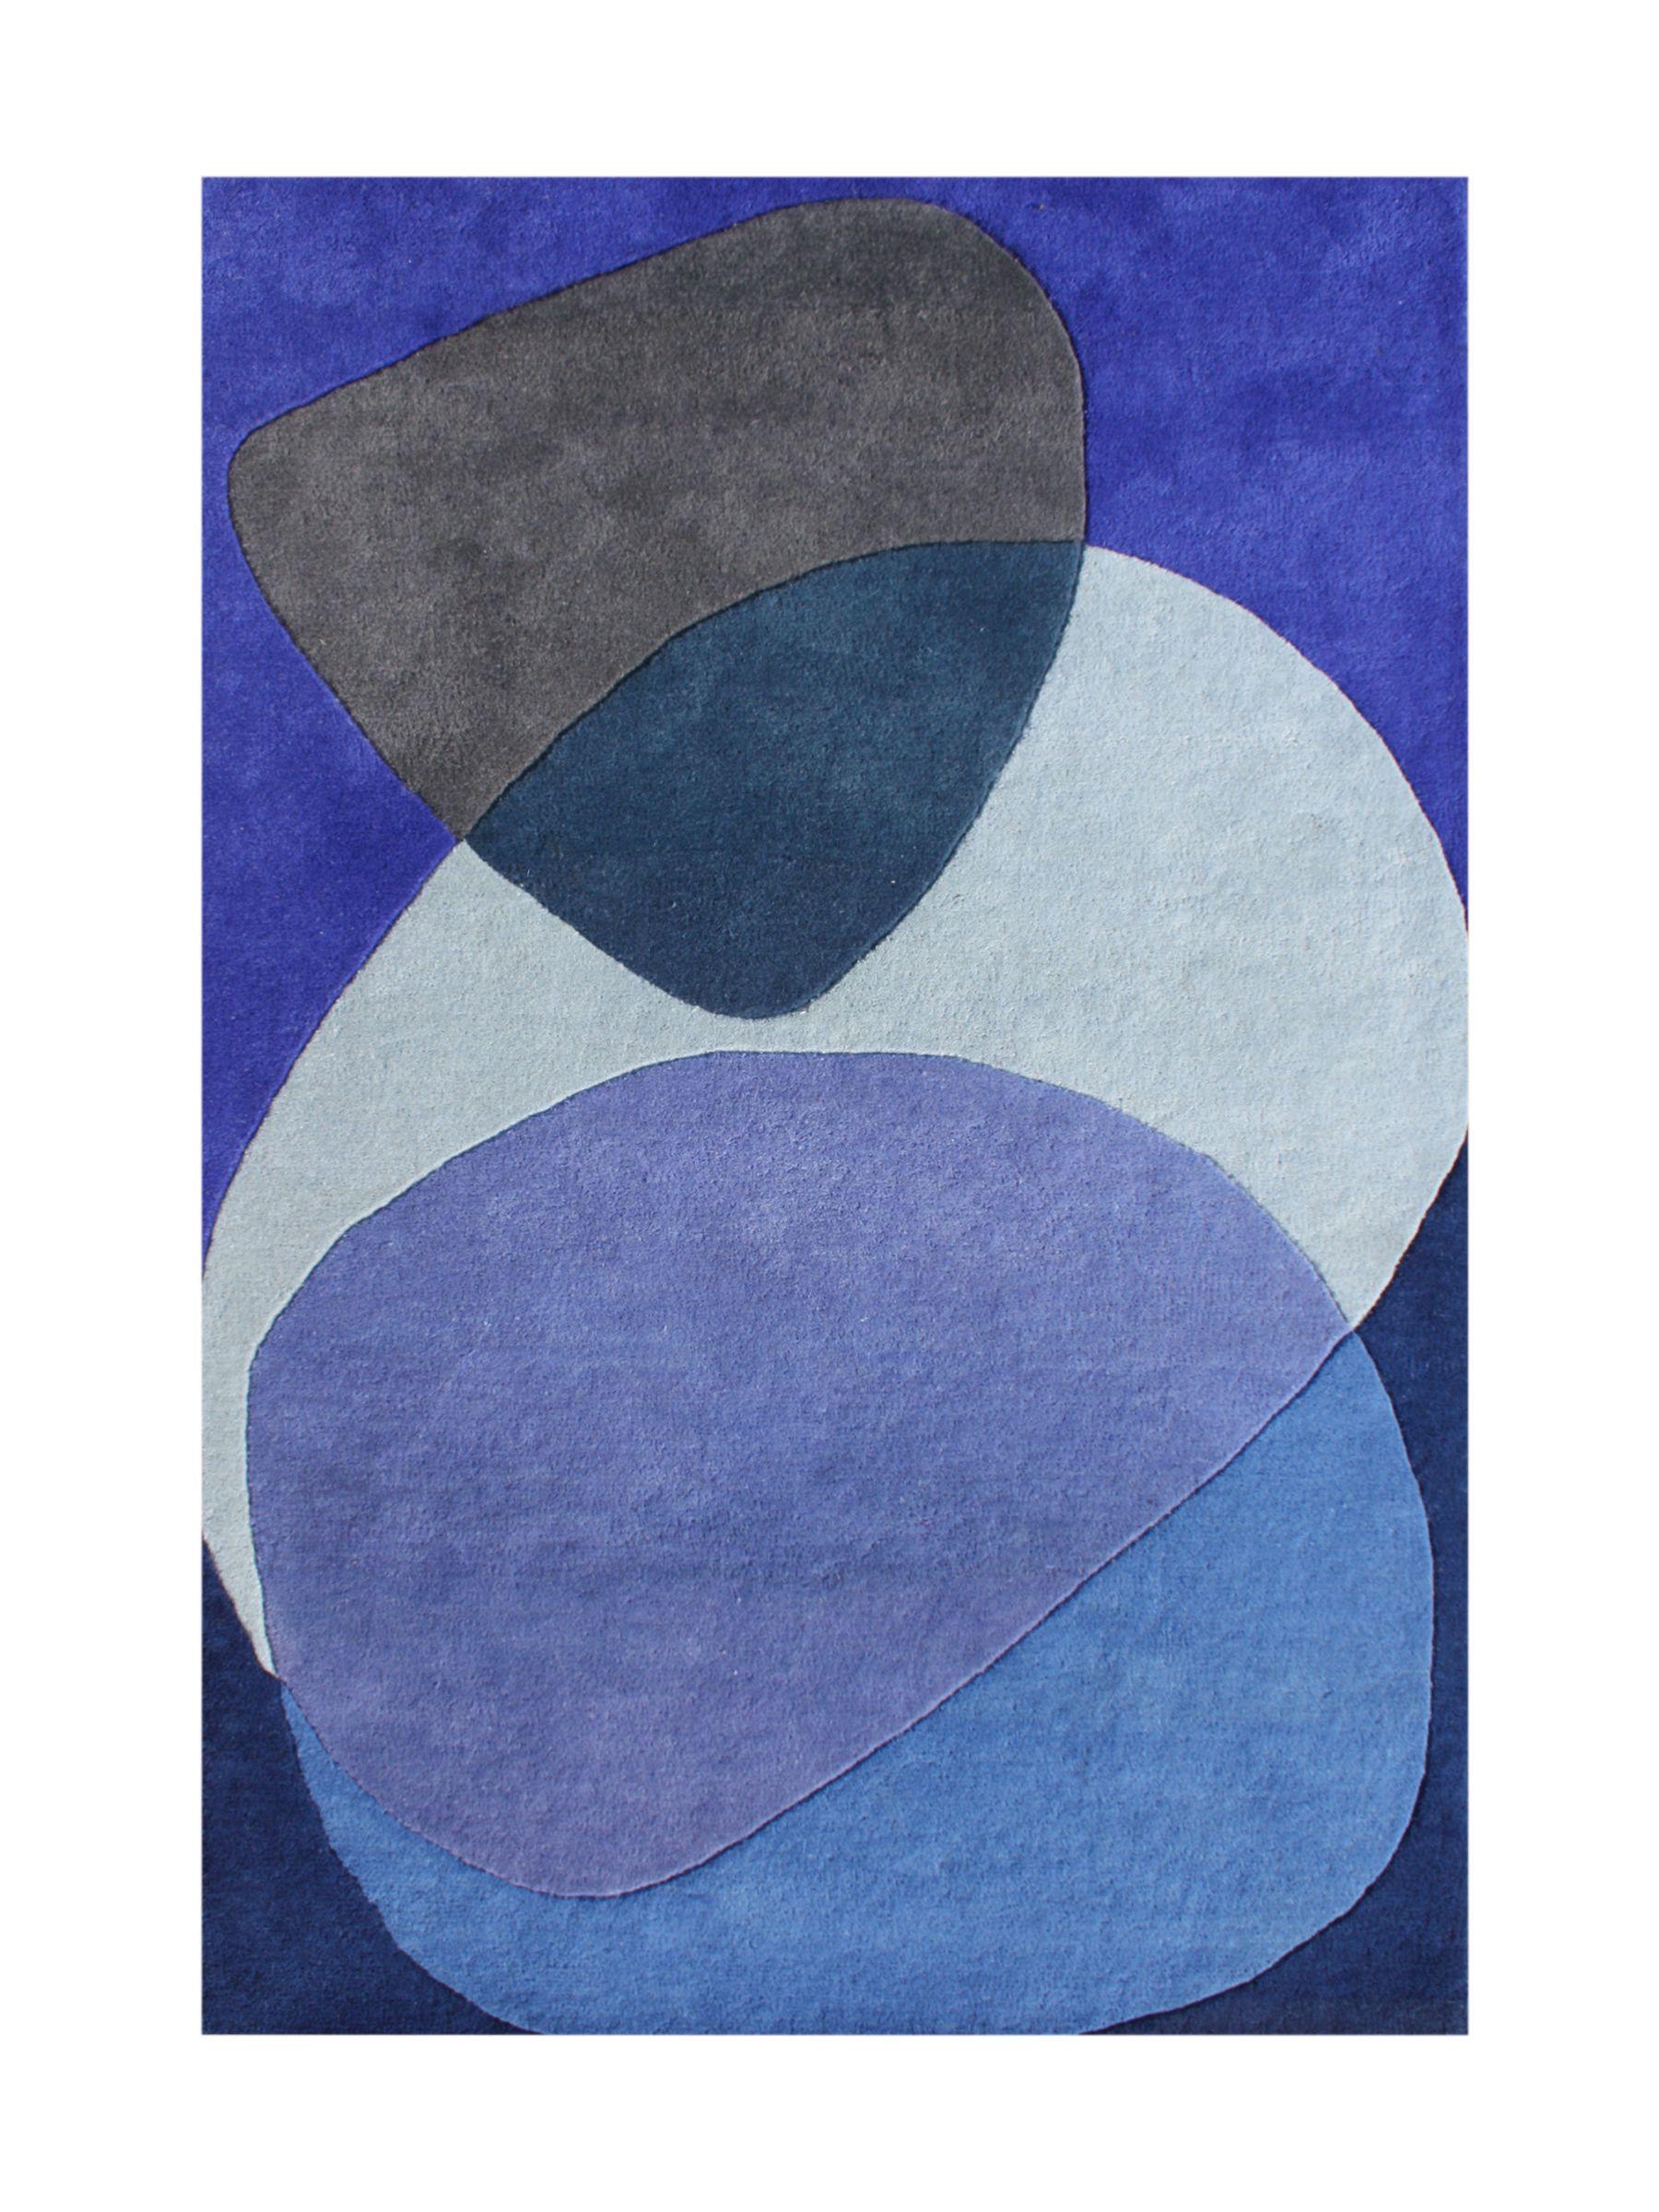 Alliyah Handmade Dazzling Blue Blue New Zealand Blend Wool Rug (5' x 8') | Overstock.com Shopping - The Best Deals on 5x8 - 6x9 Rugs